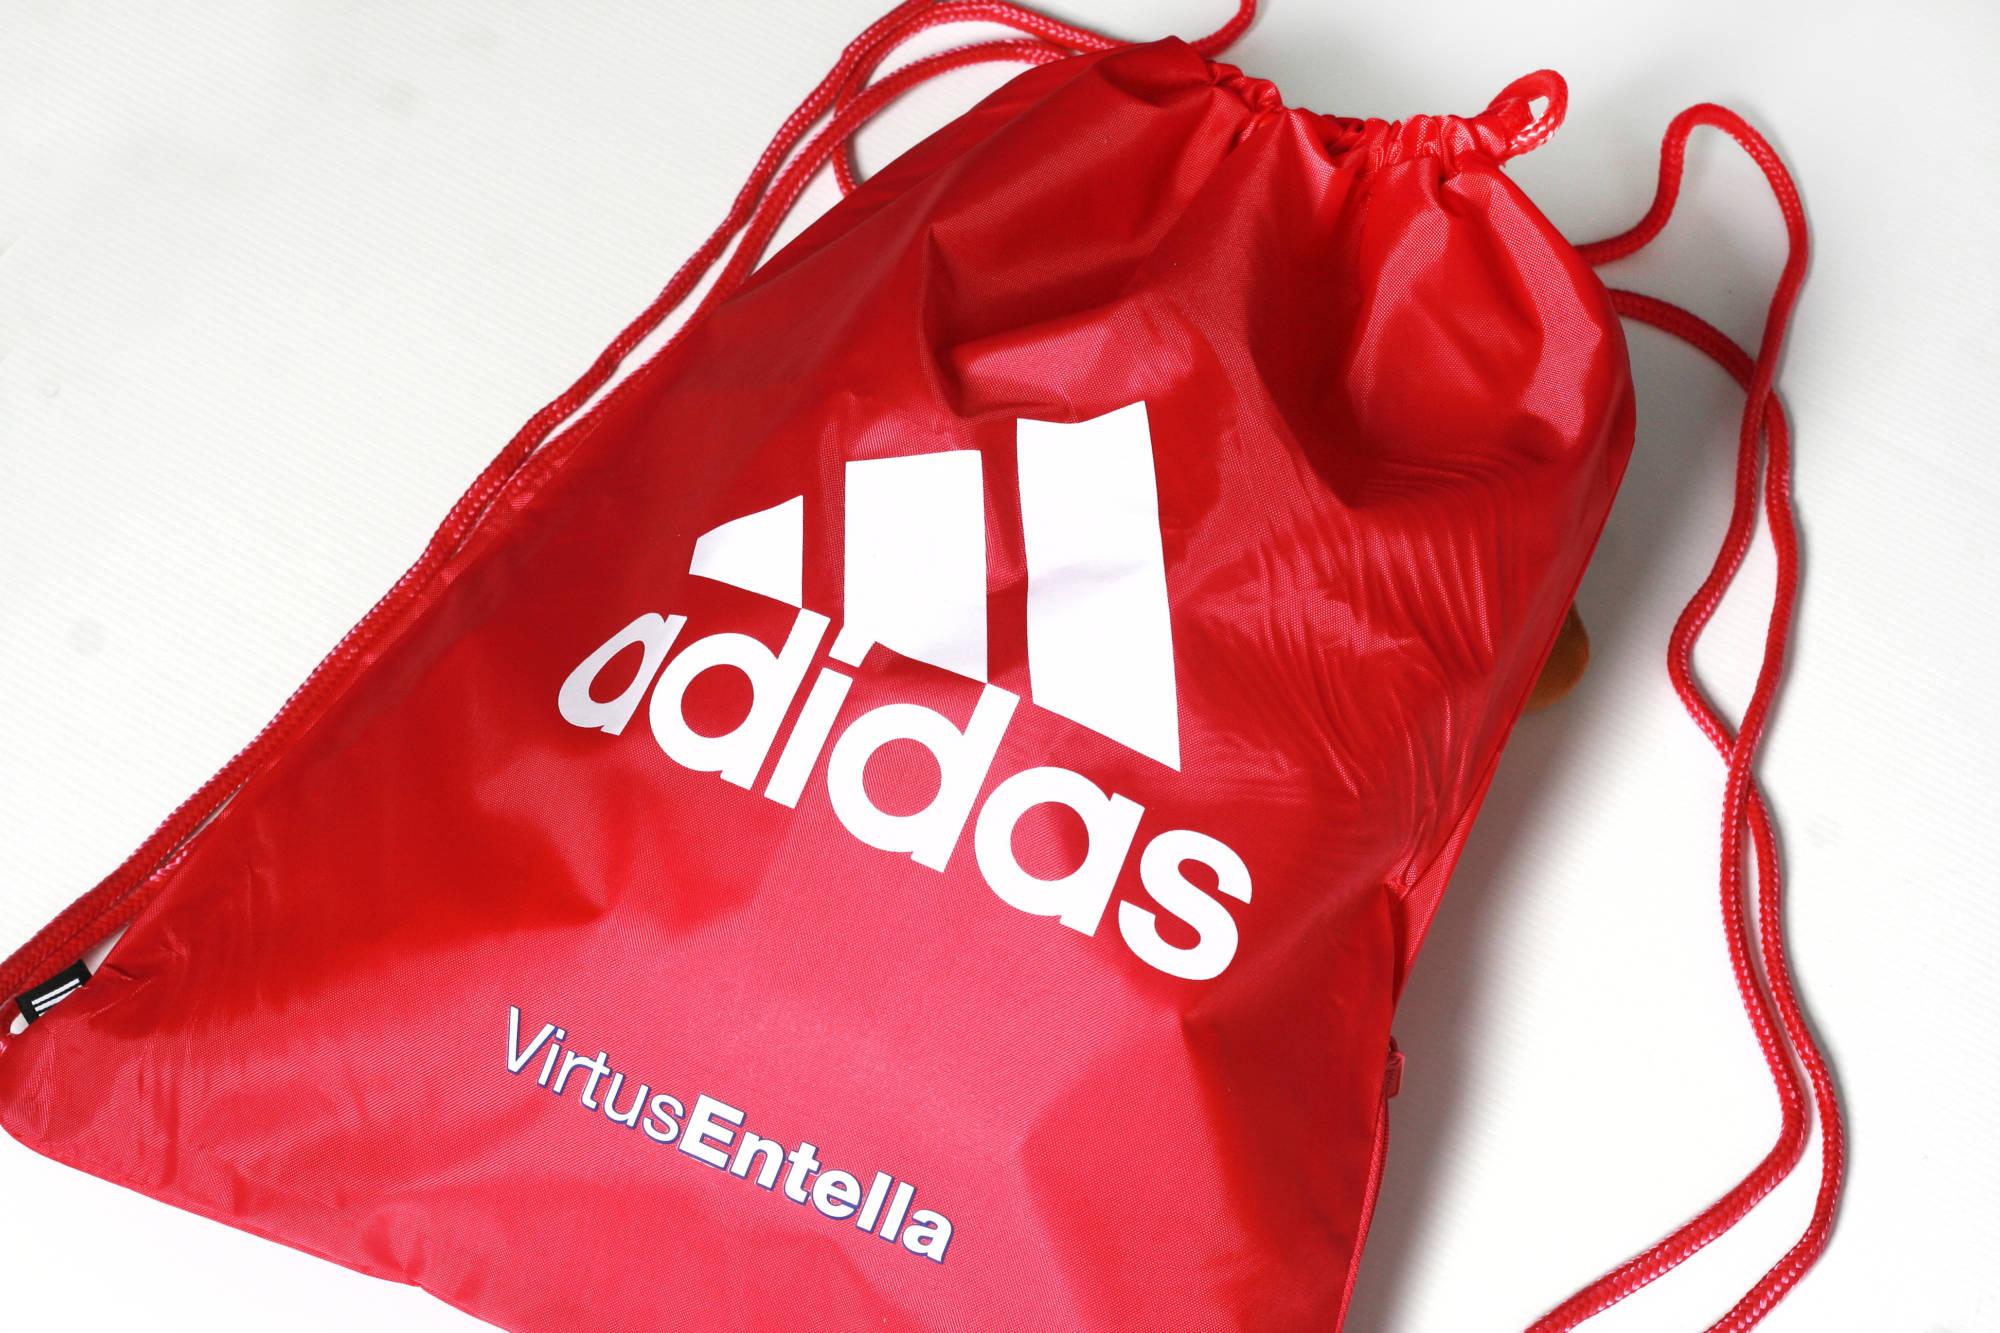 Portascarpe Adidas Fucsia - Virtus Entella Store